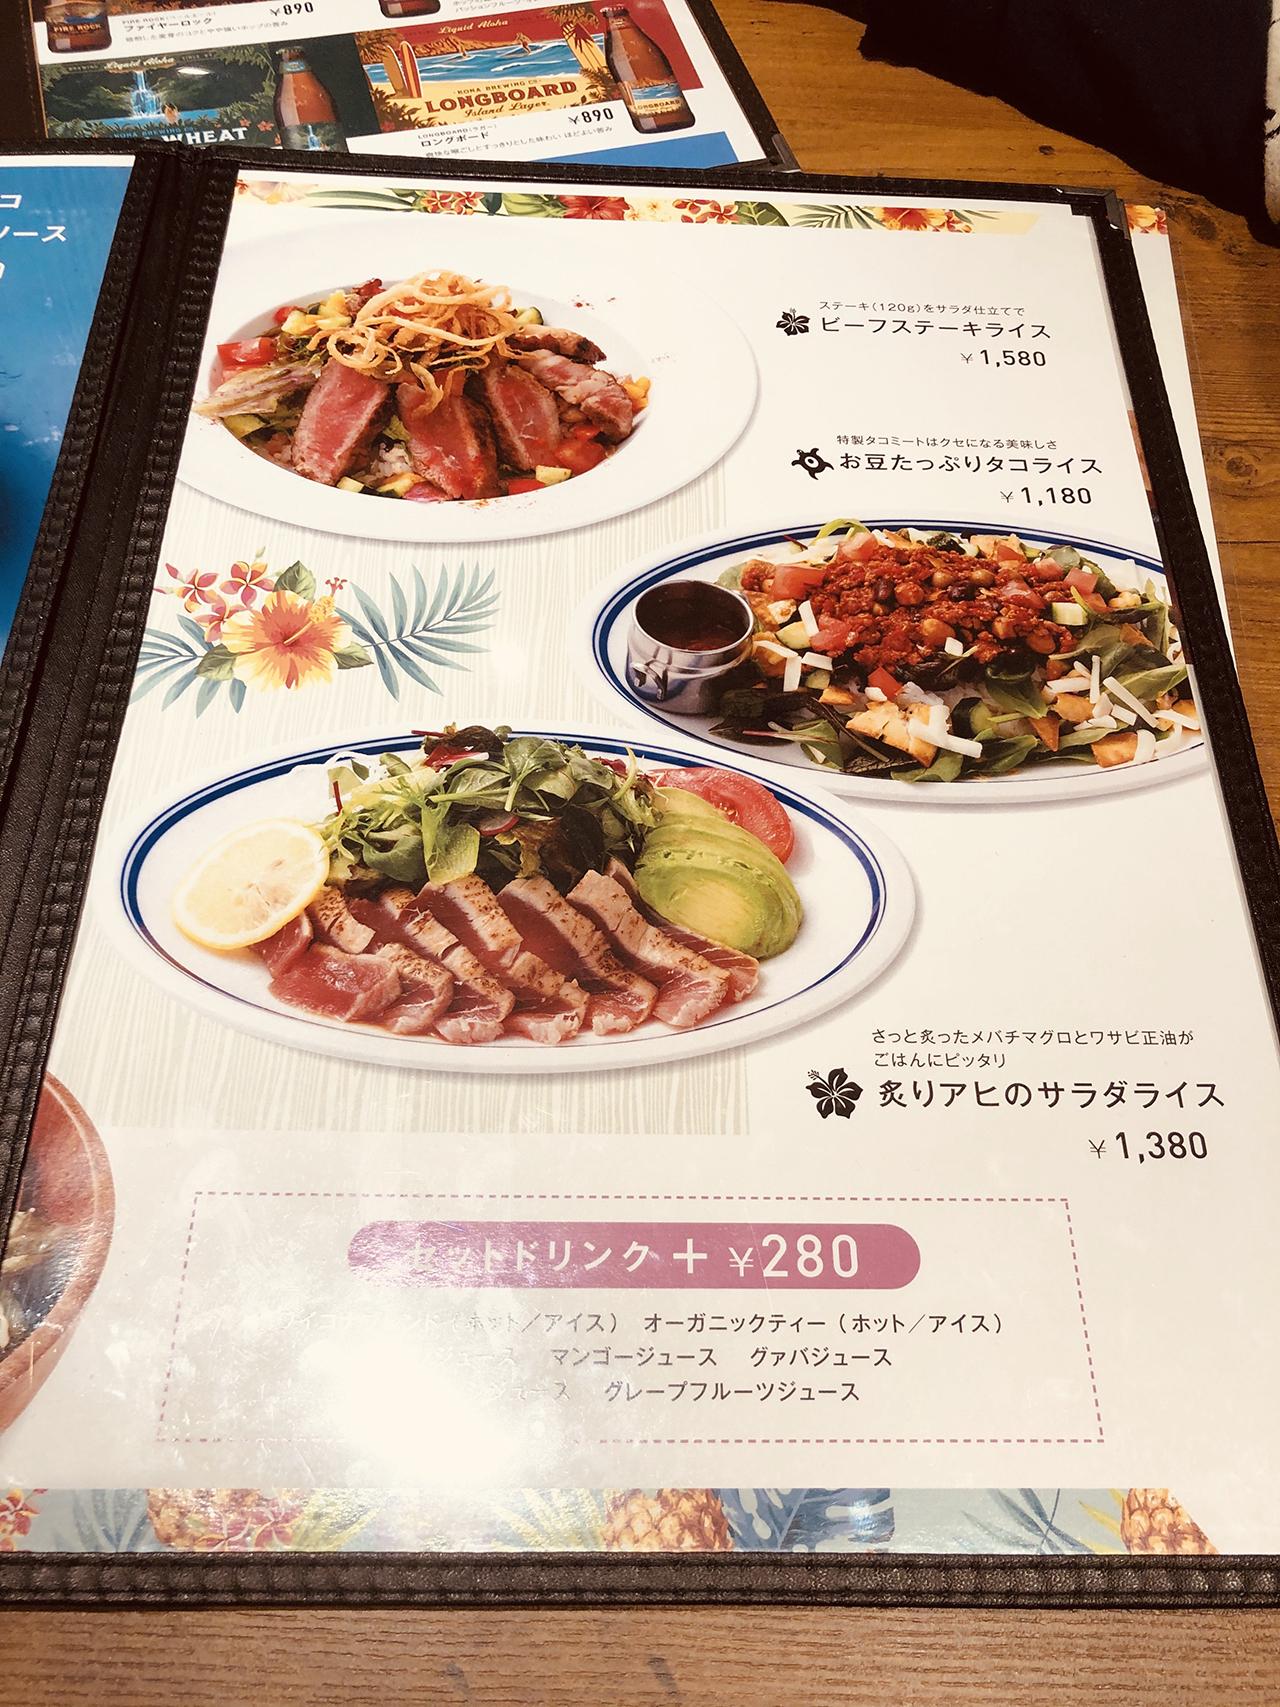 Hawaiian Food & Kona Beer KauKau(ハワイアンフード&コナビール カウカウ)そごう千葉店の投稿写真7